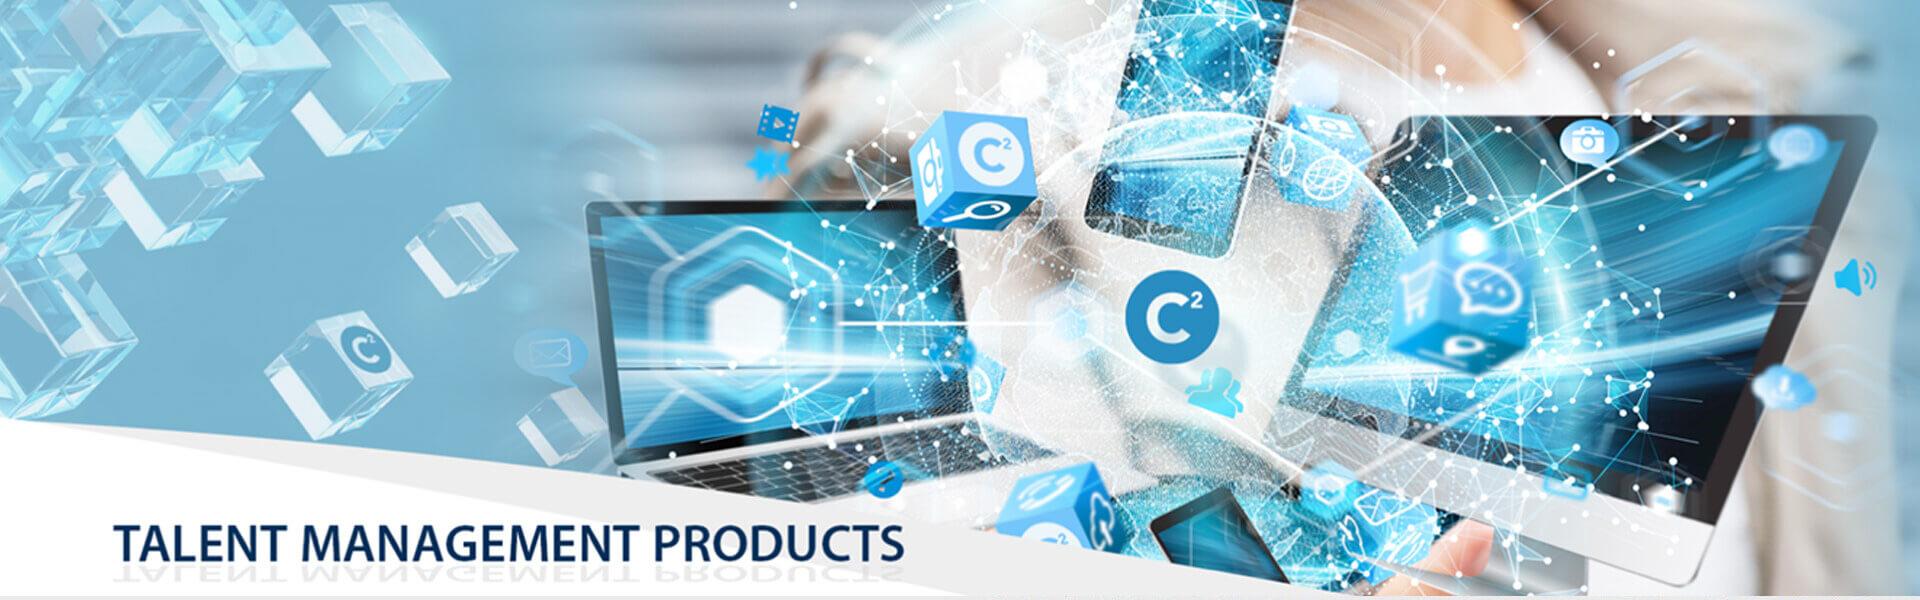 Talent Management Products